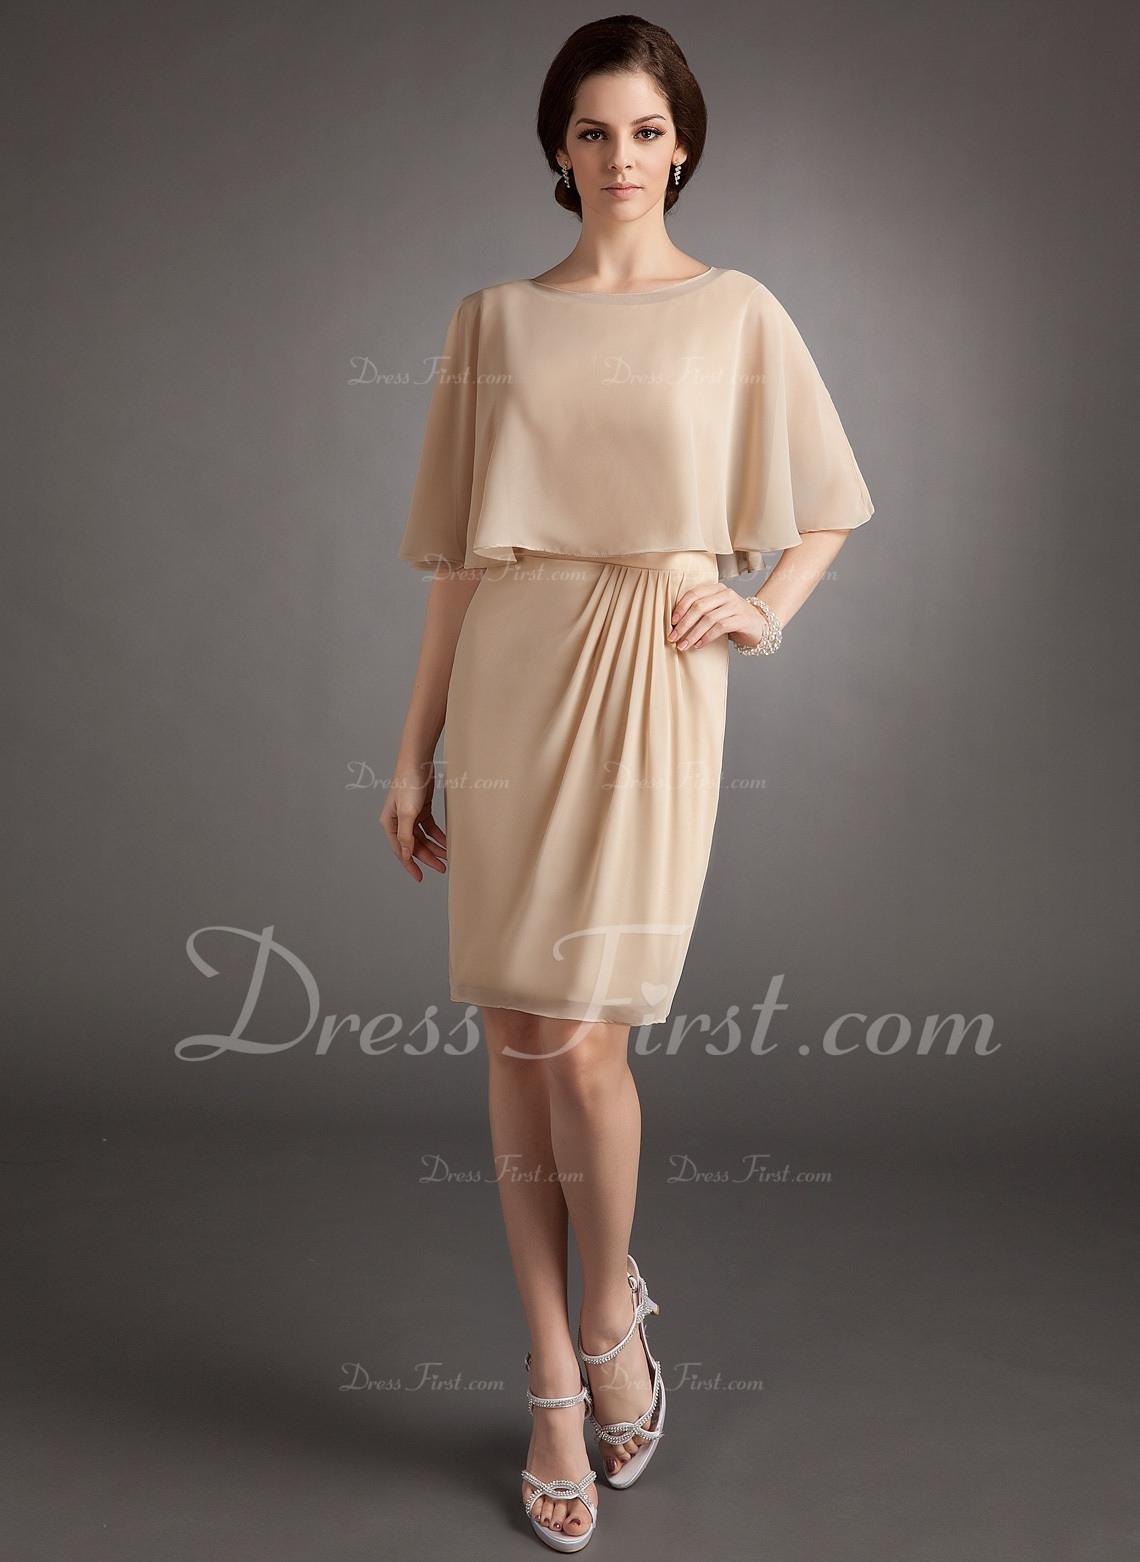 10 Kreativ Kleider Für Brautmutter Knielang ÄrmelFormal Cool Kleider Für Brautmutter Knielang Ärmel